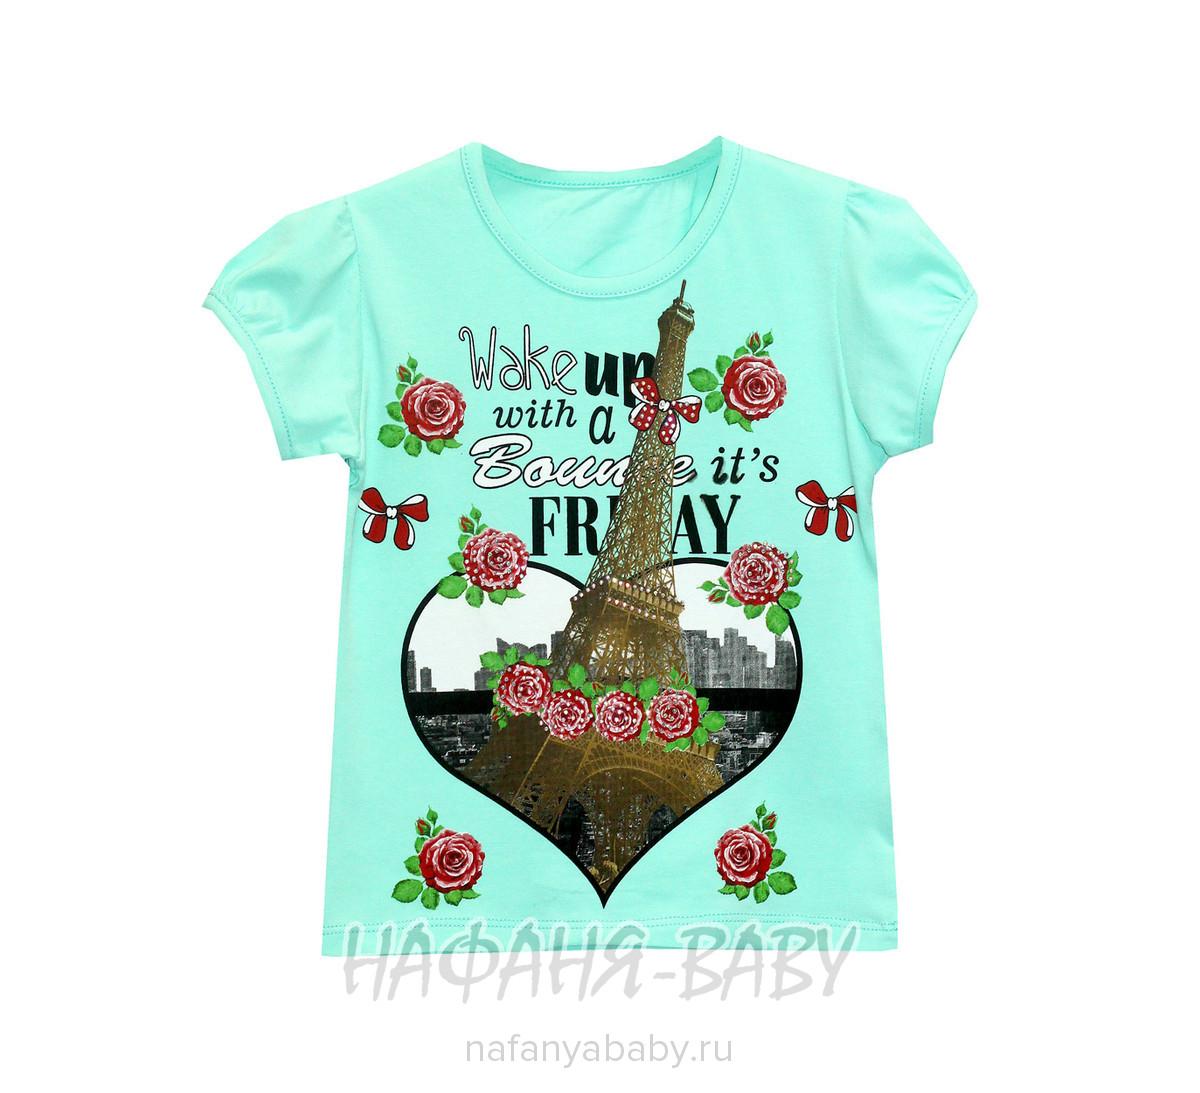 Детская футболка UNRULY арт: 2957, 5-9 лет, 1-4 года, цвет бирюзовый, оптом Турция